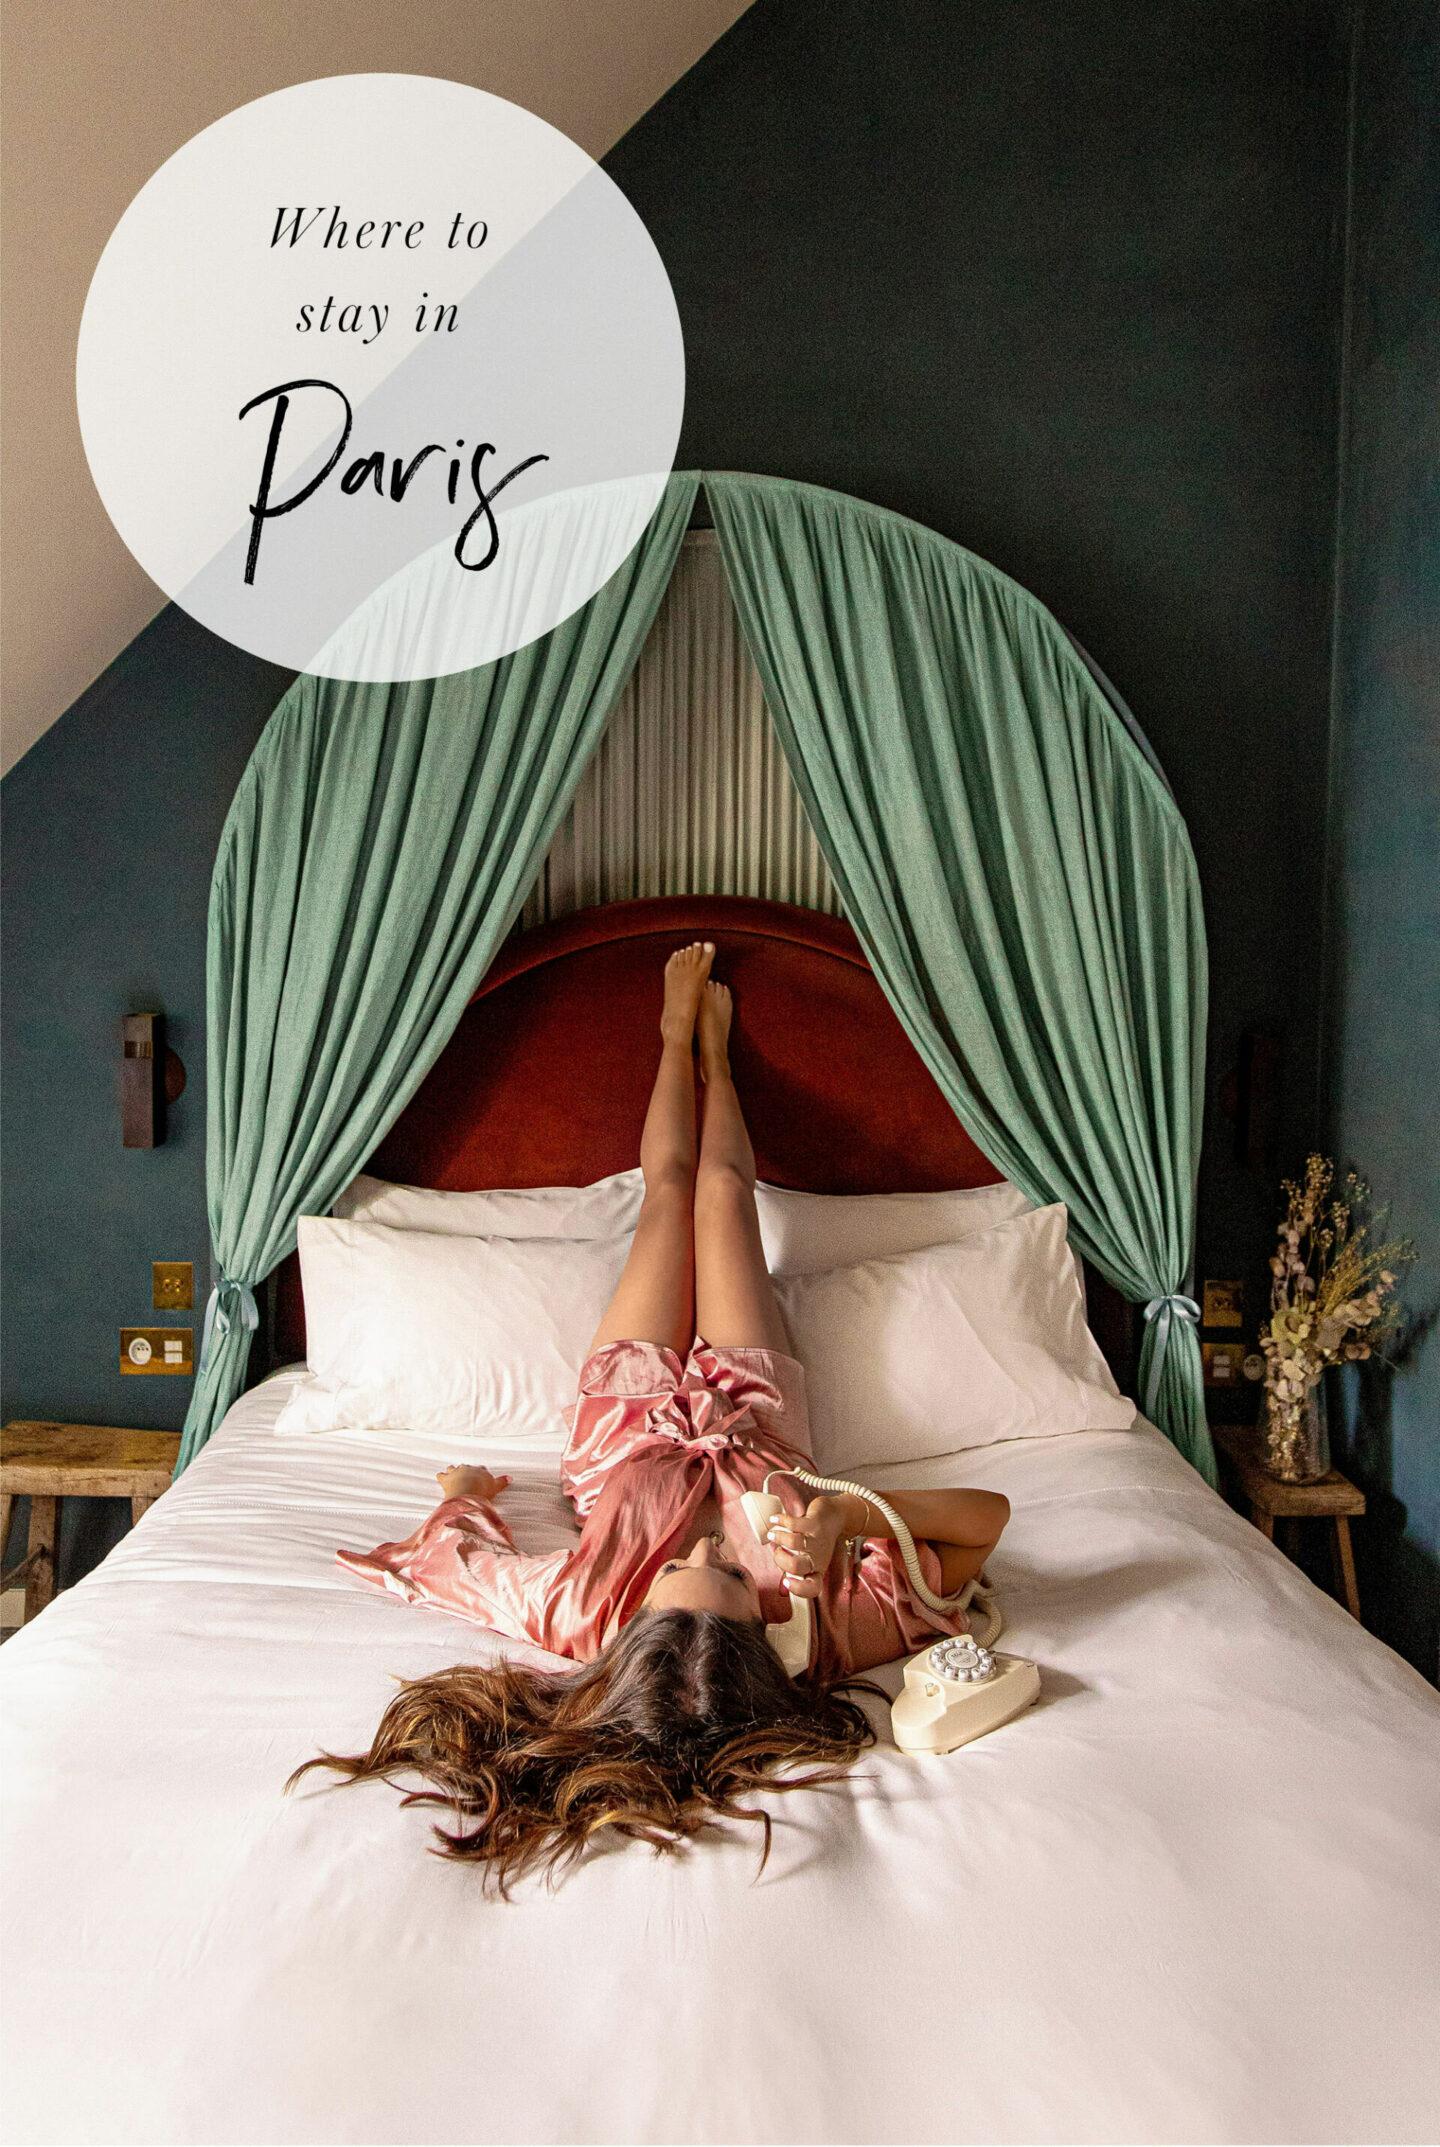 Where to stay in Paris – Paris Boutique Hotel - Best Hotels in Paris – kelseyinlondon – Hôtel des Grands Boulevards